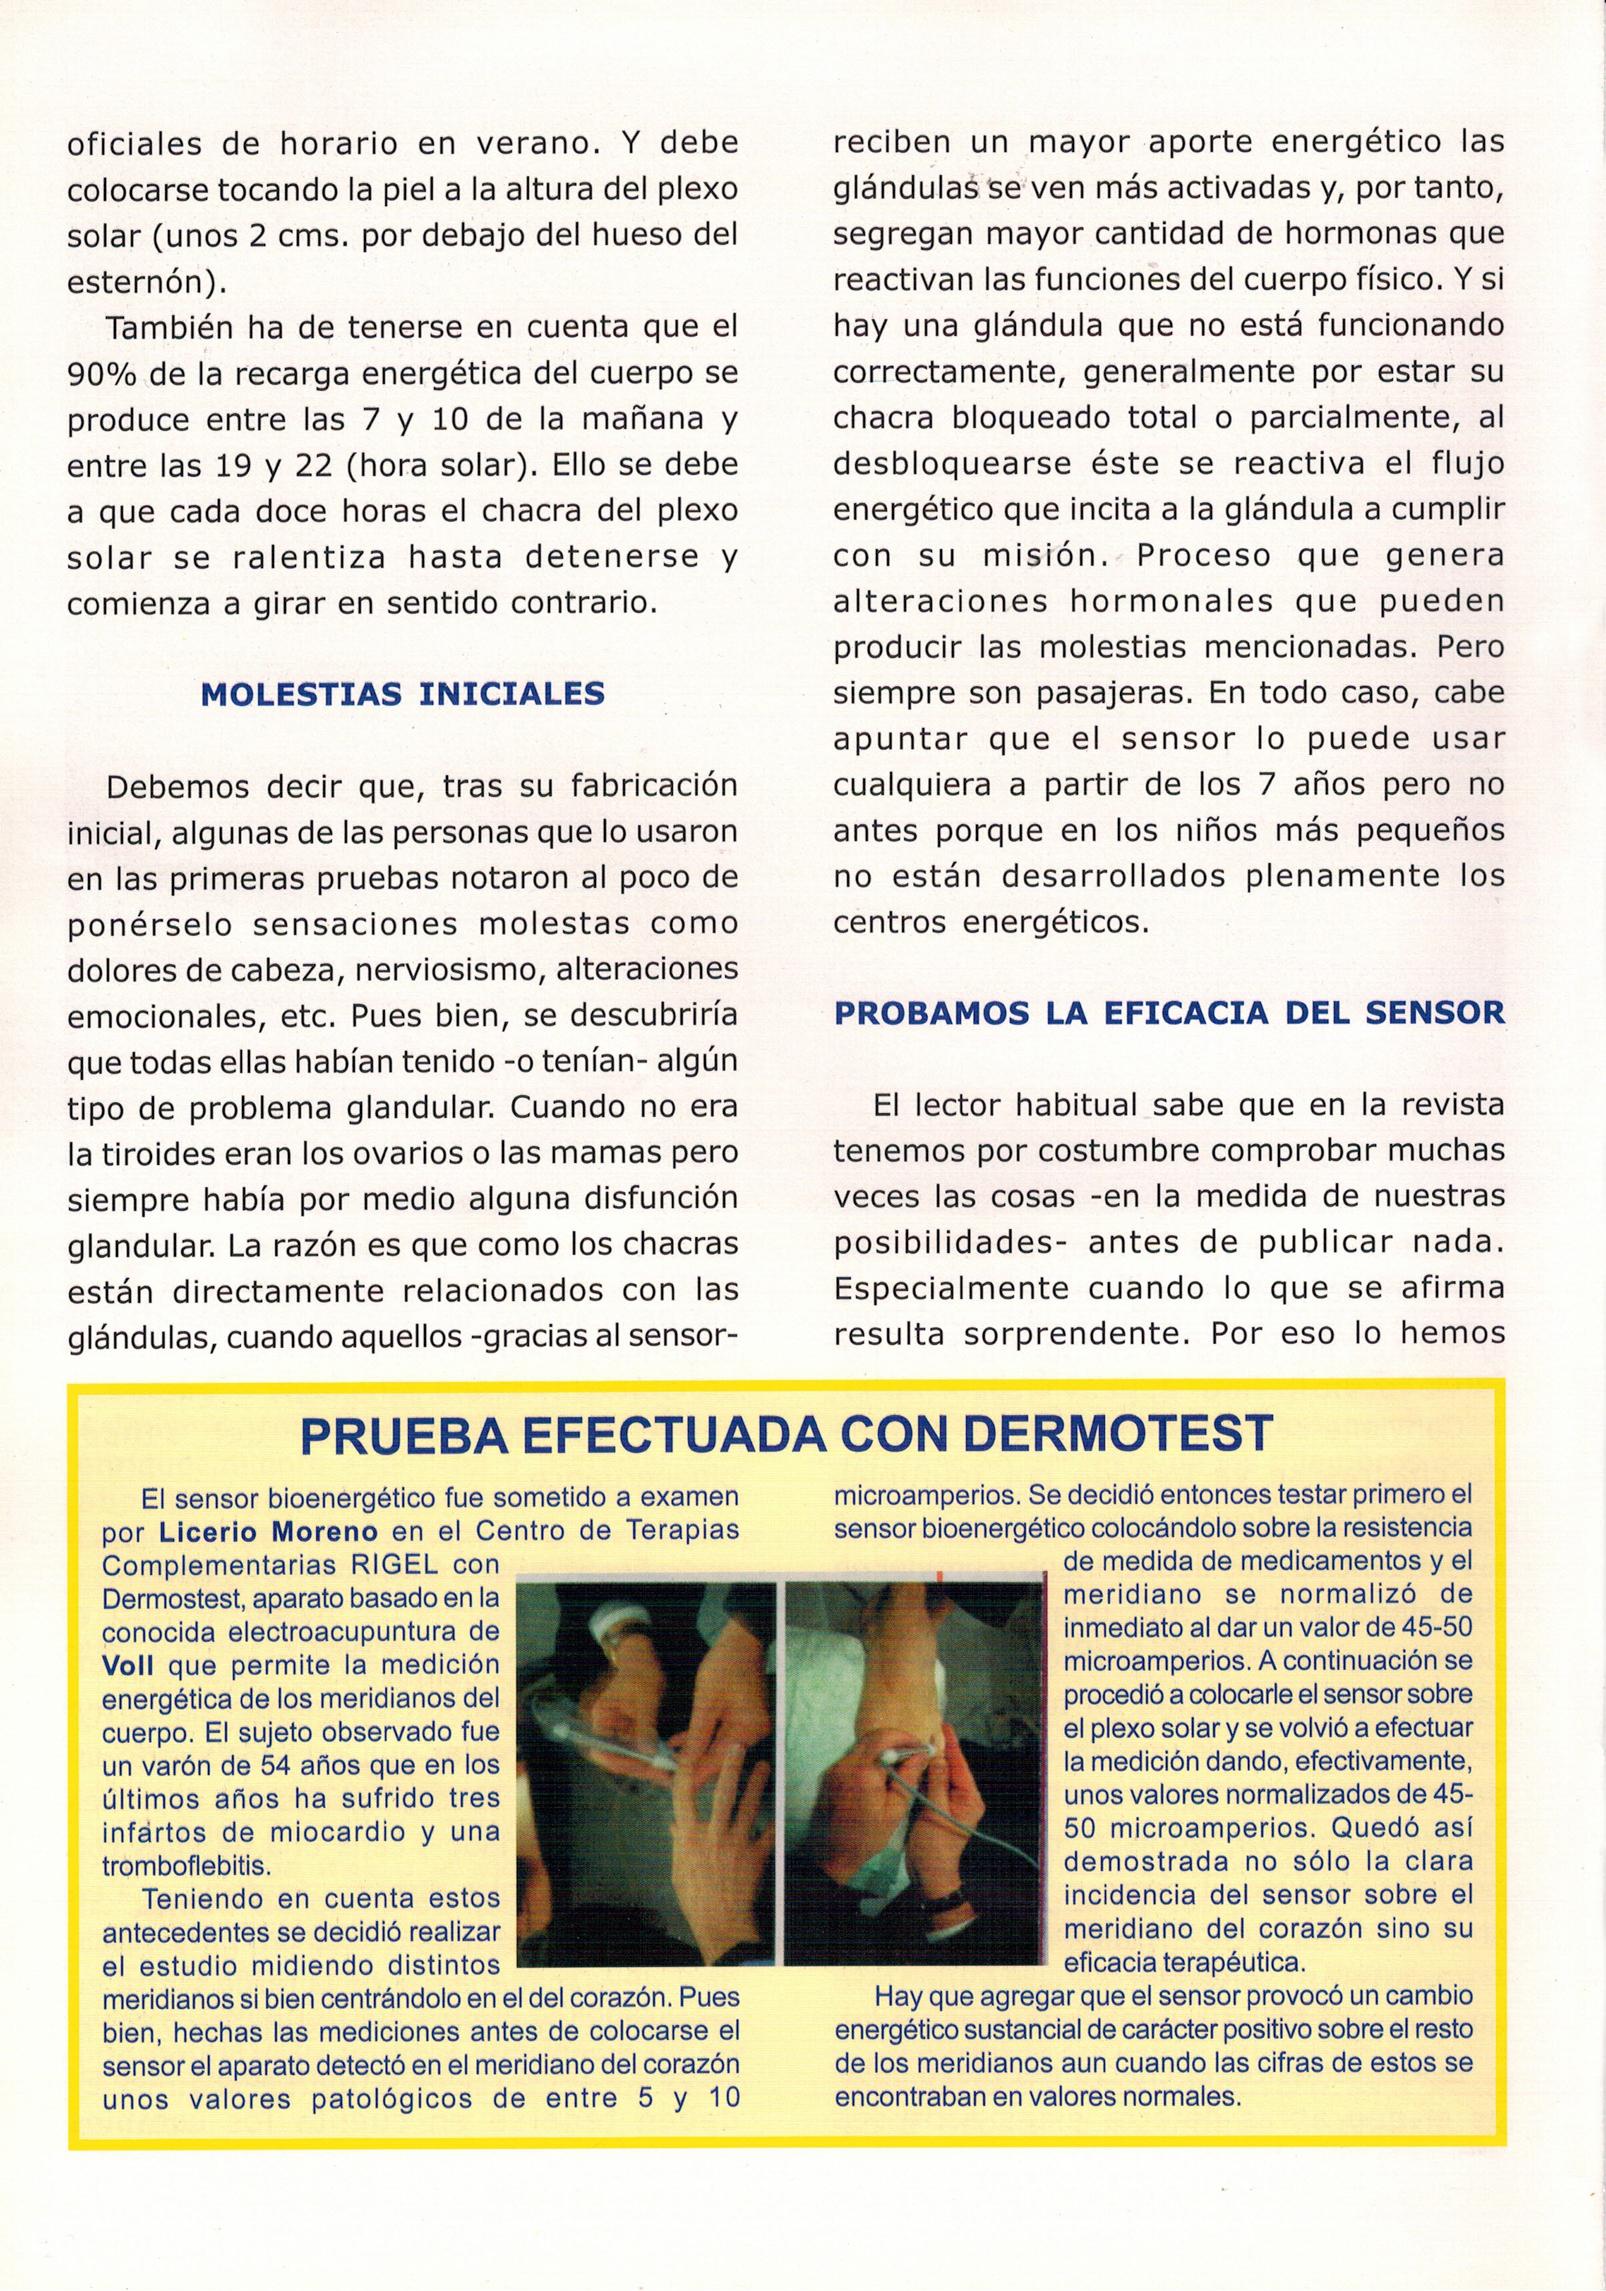 ¡OFERTA DE SENSORES BIOENERGÉTICOS!